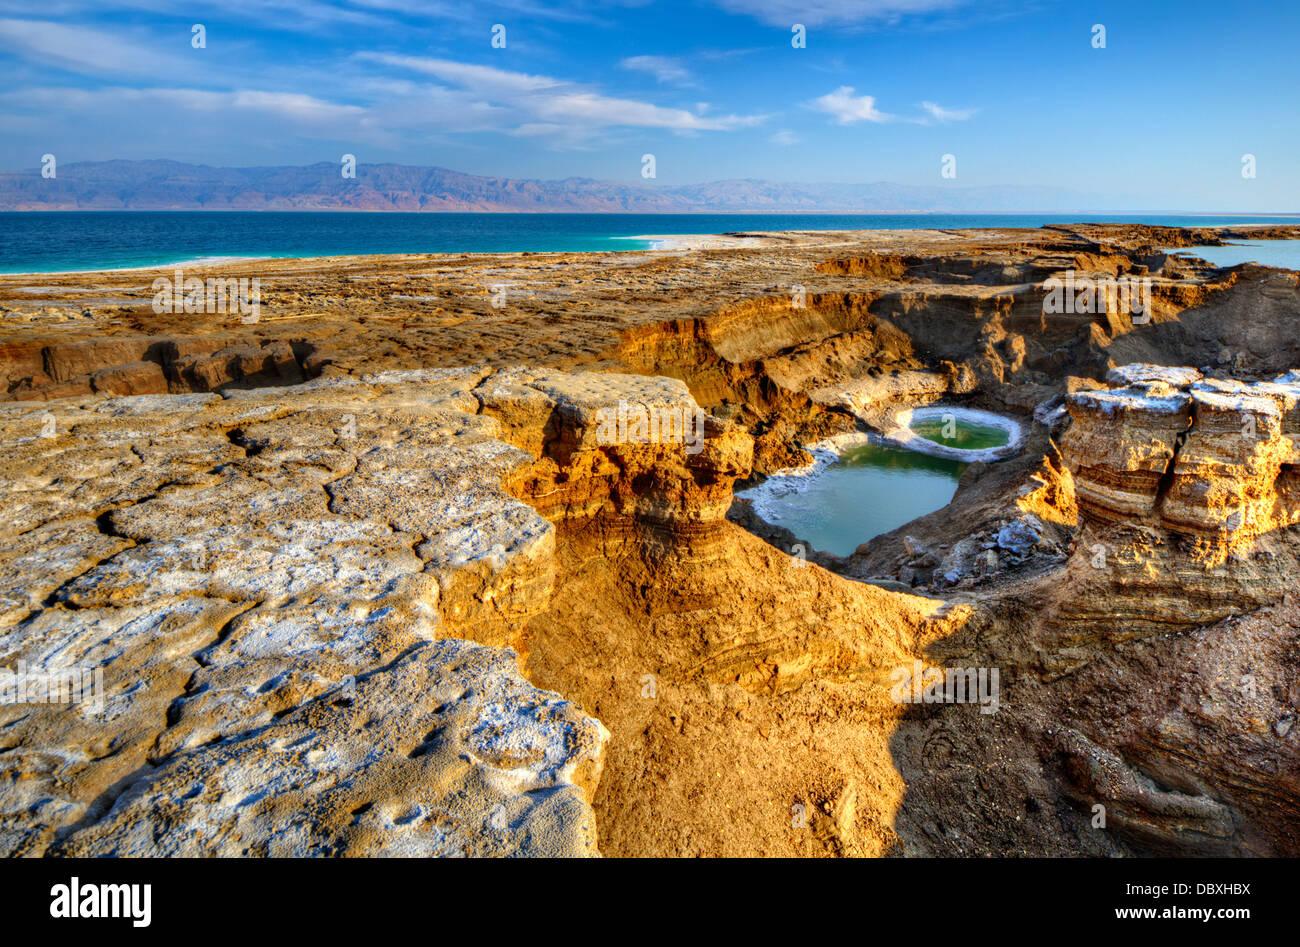 Sinkholes near the Dead Sea in Ein Gedi, Israel. - Stock Image